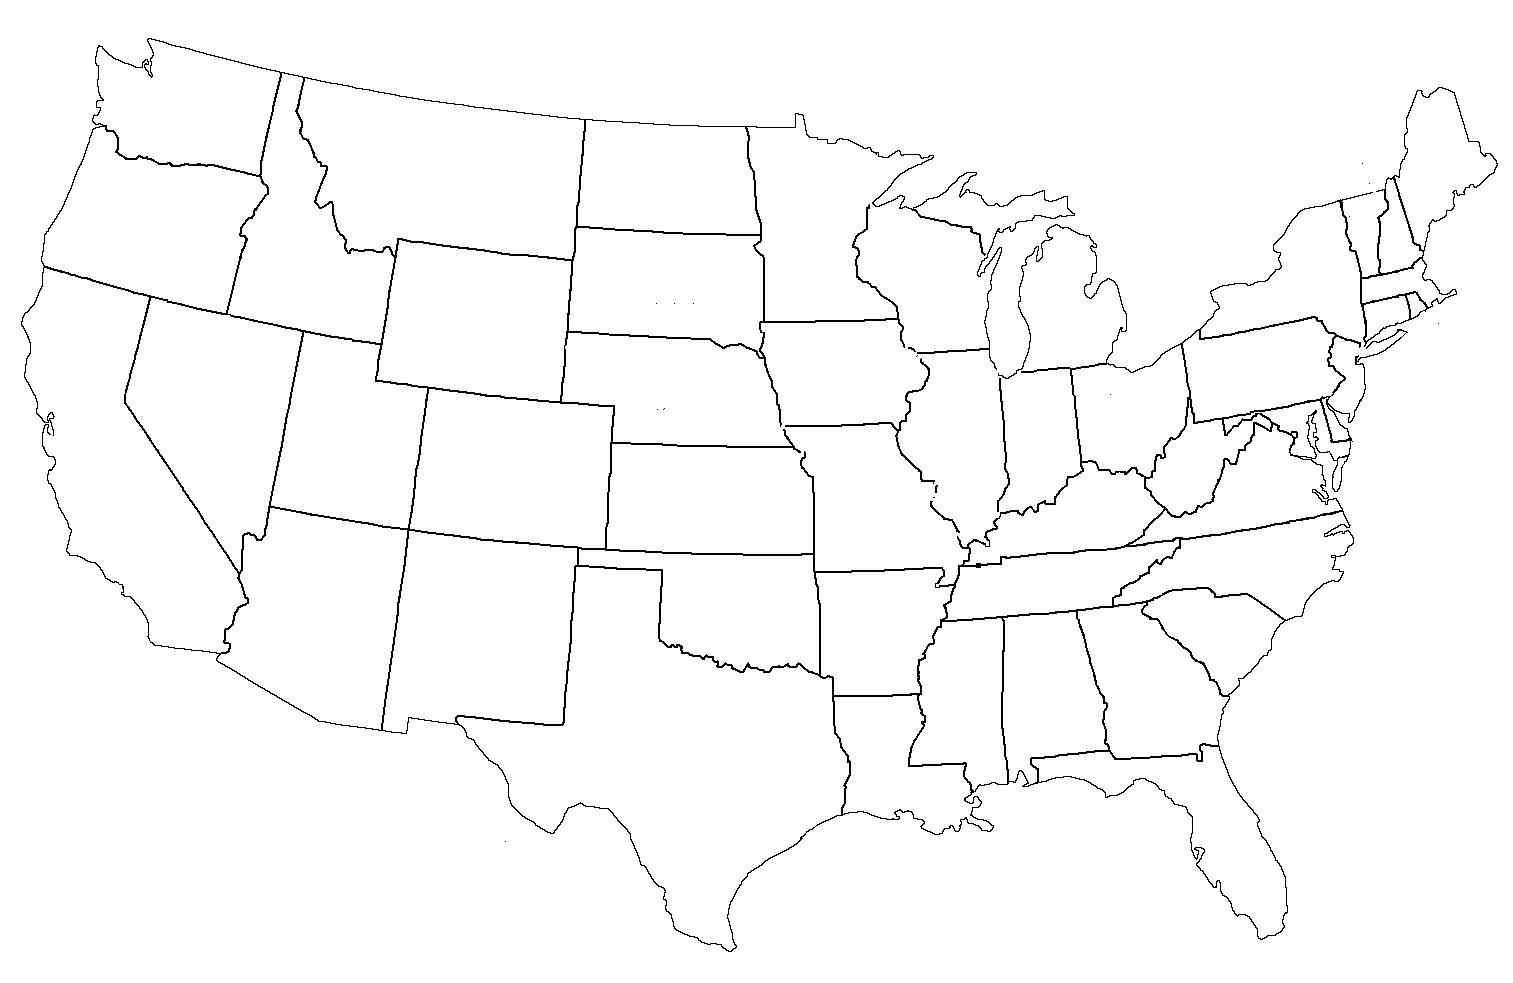 Leere Karte Von Us Staaten Staaten Der Usa Leere Karte